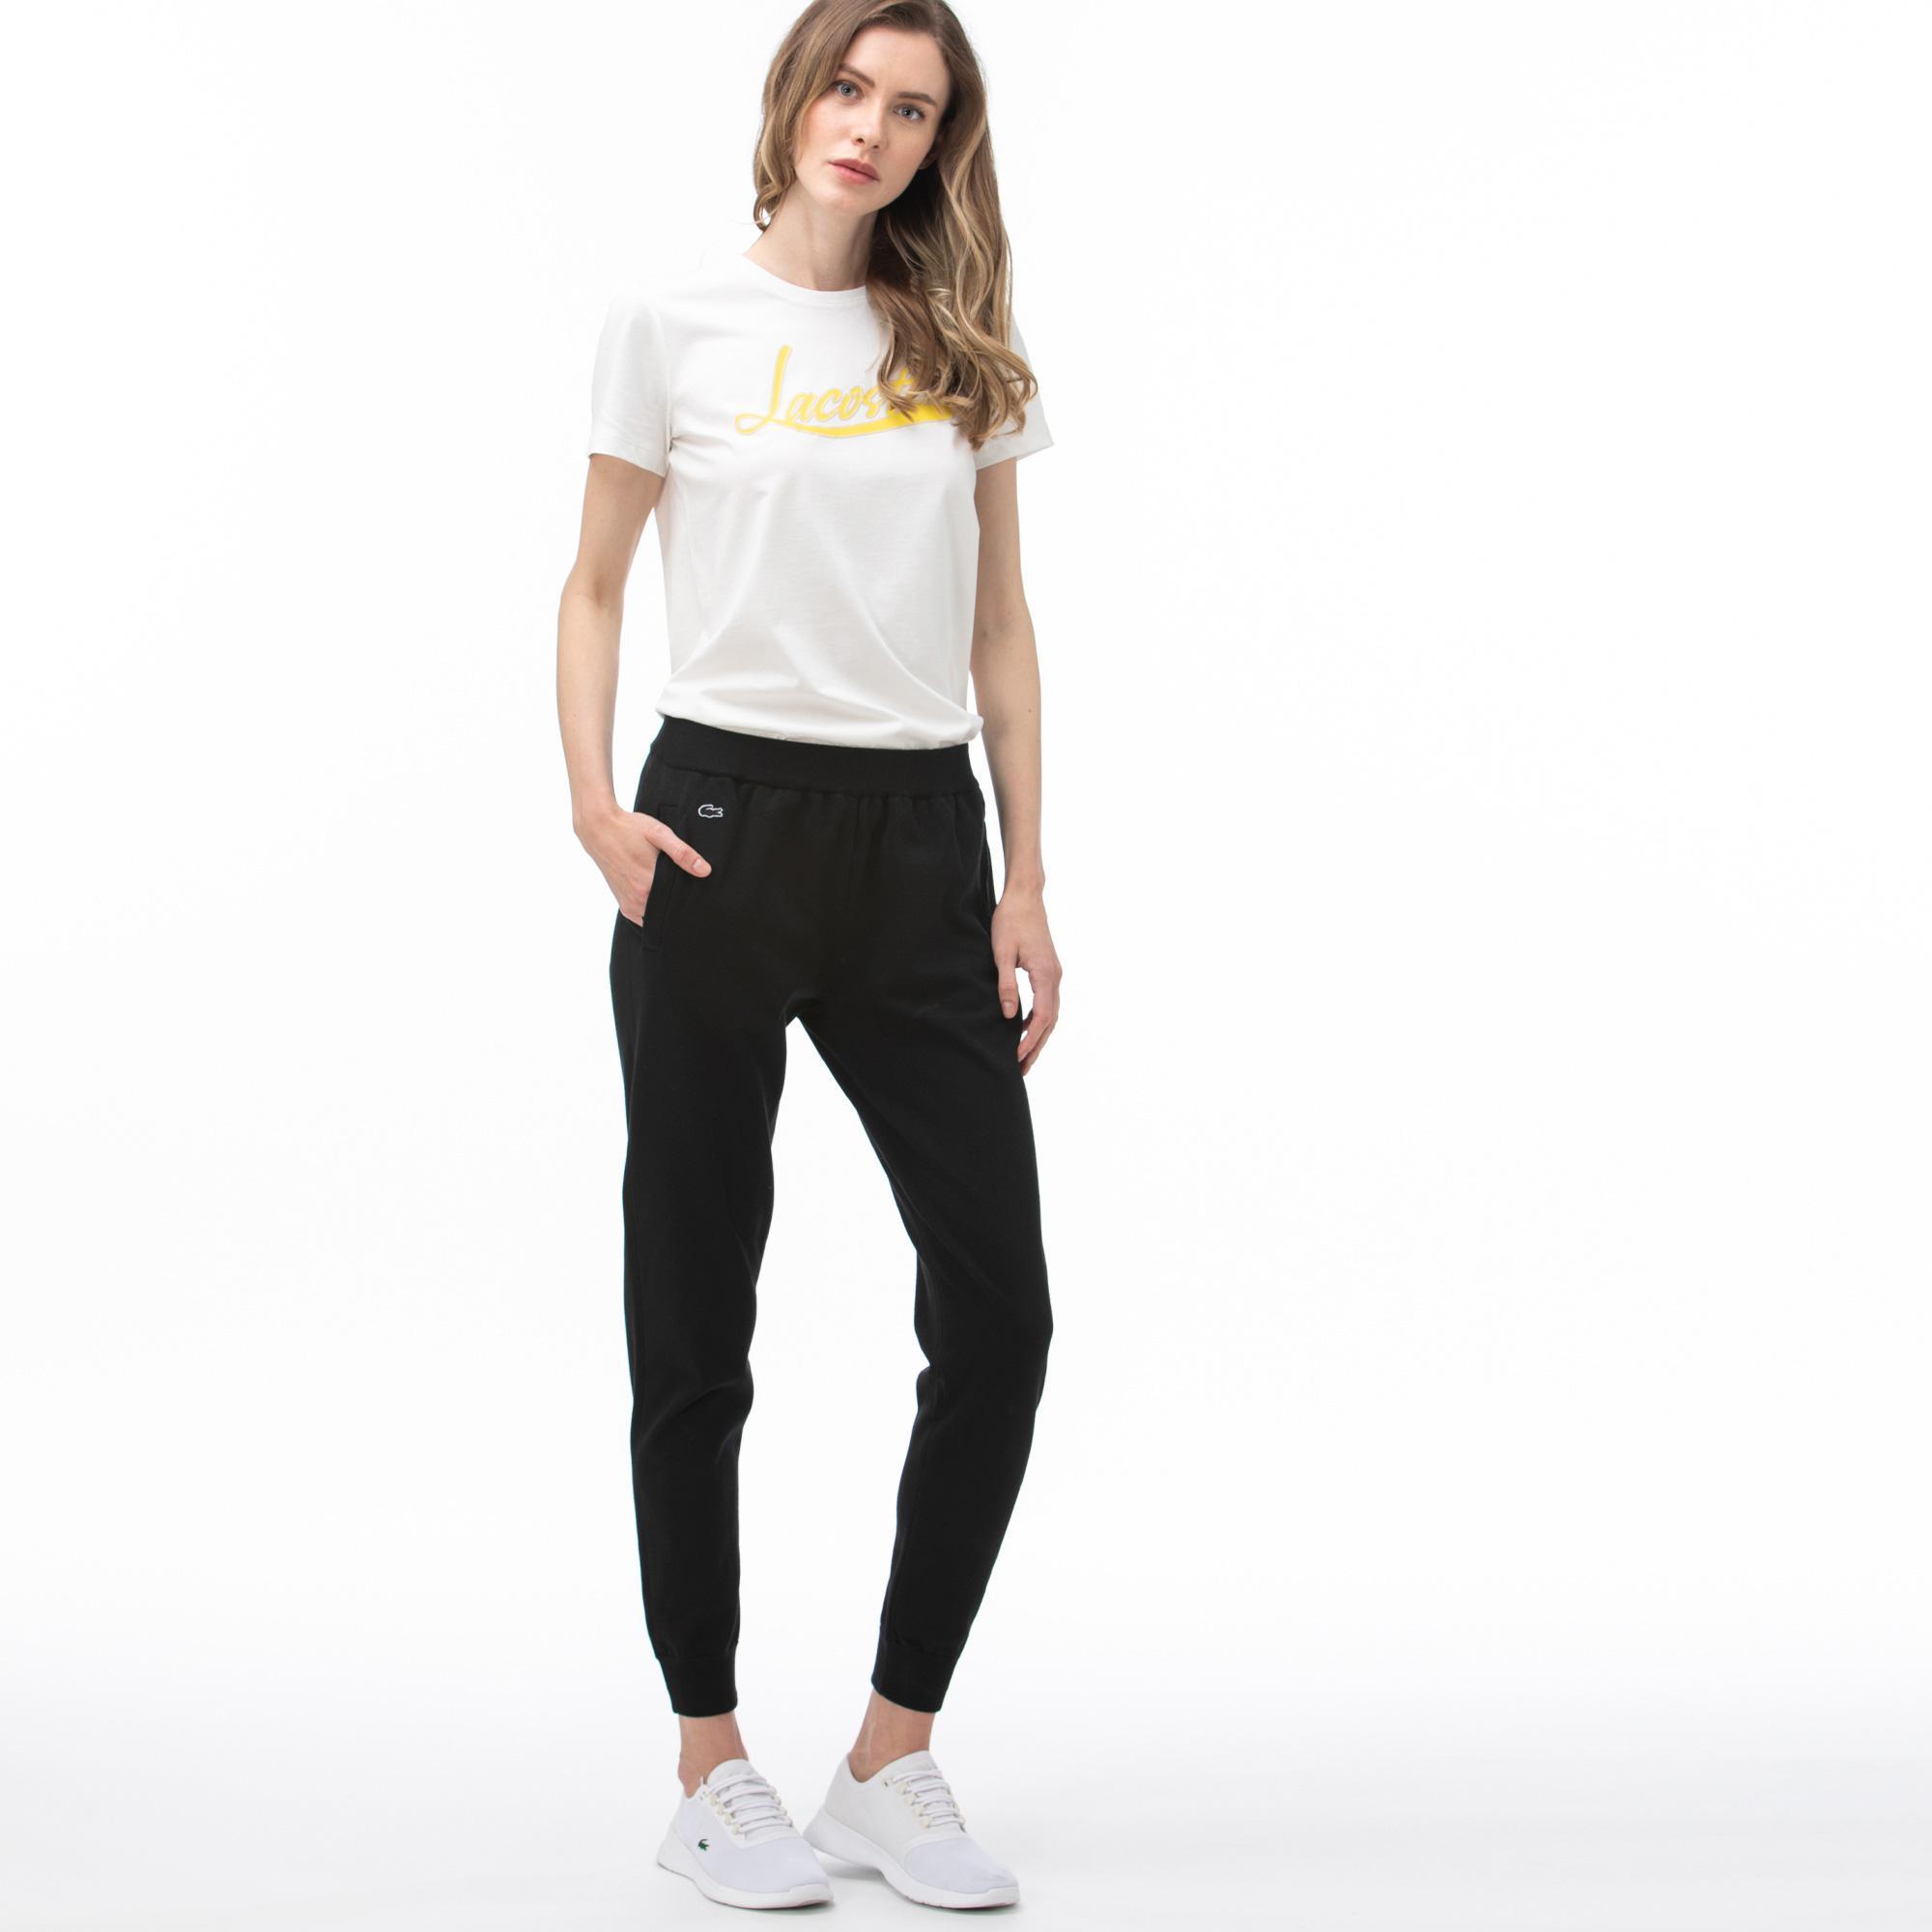 Lacoste штани спортивні жіночі SPORT